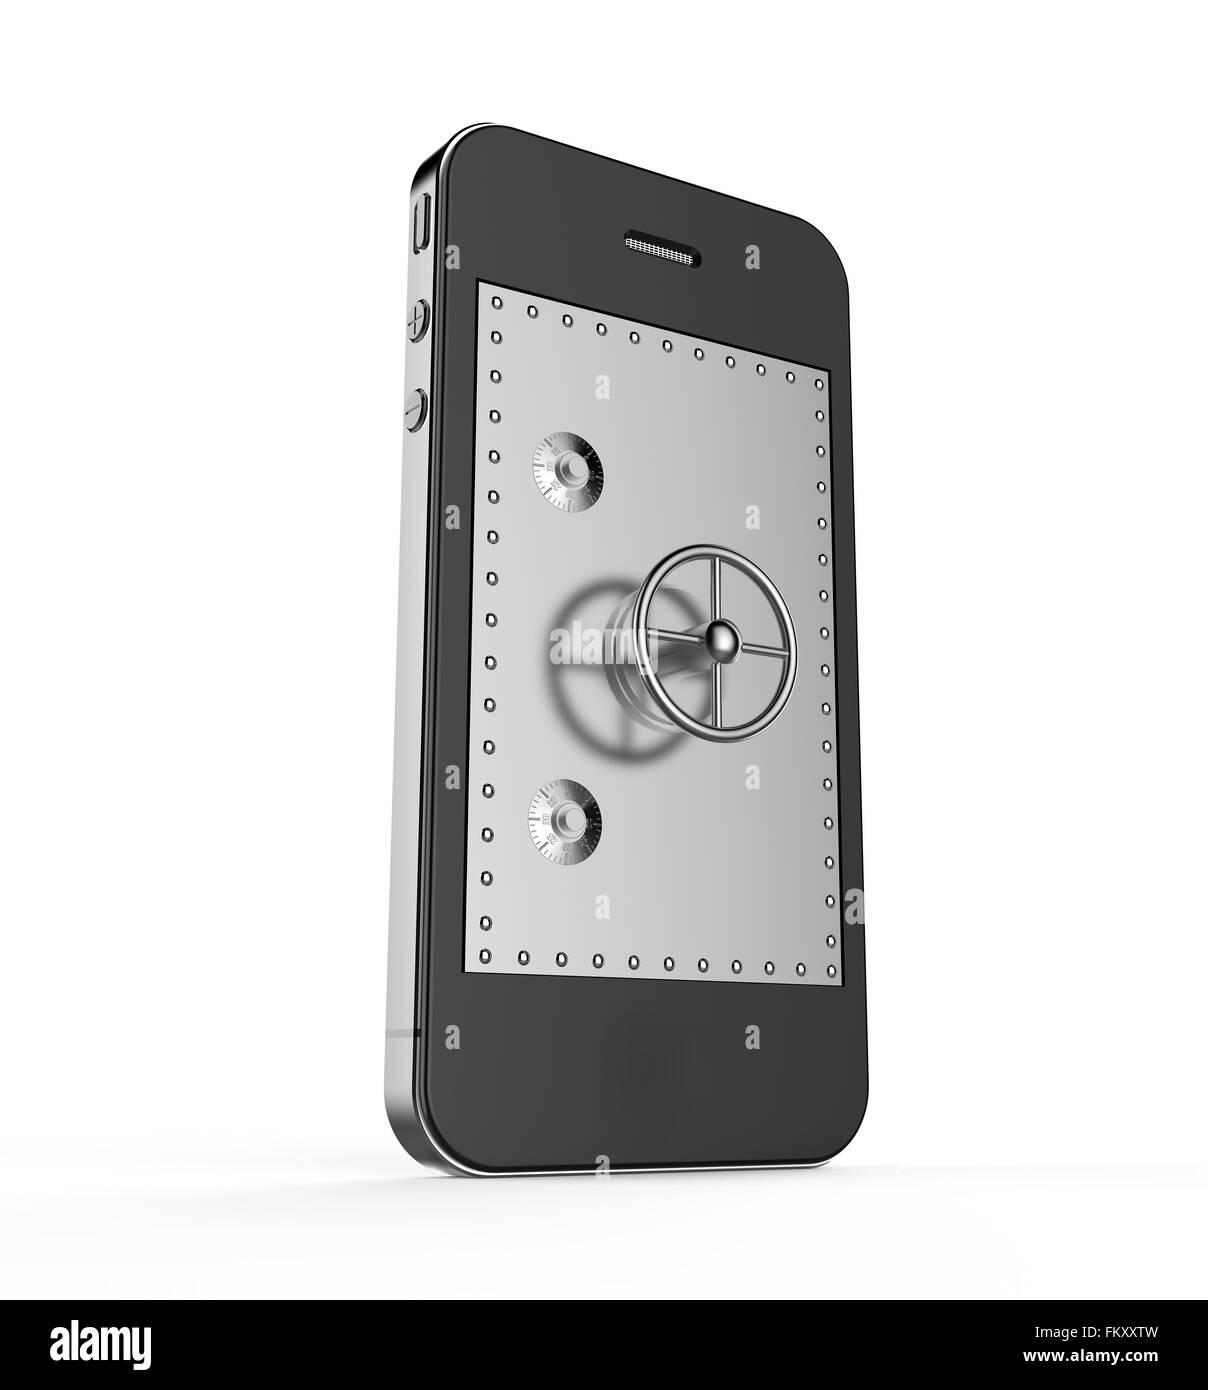 Türe schließen ein Safe in einem Smartphone: Sicherheitskonzept Stockbild